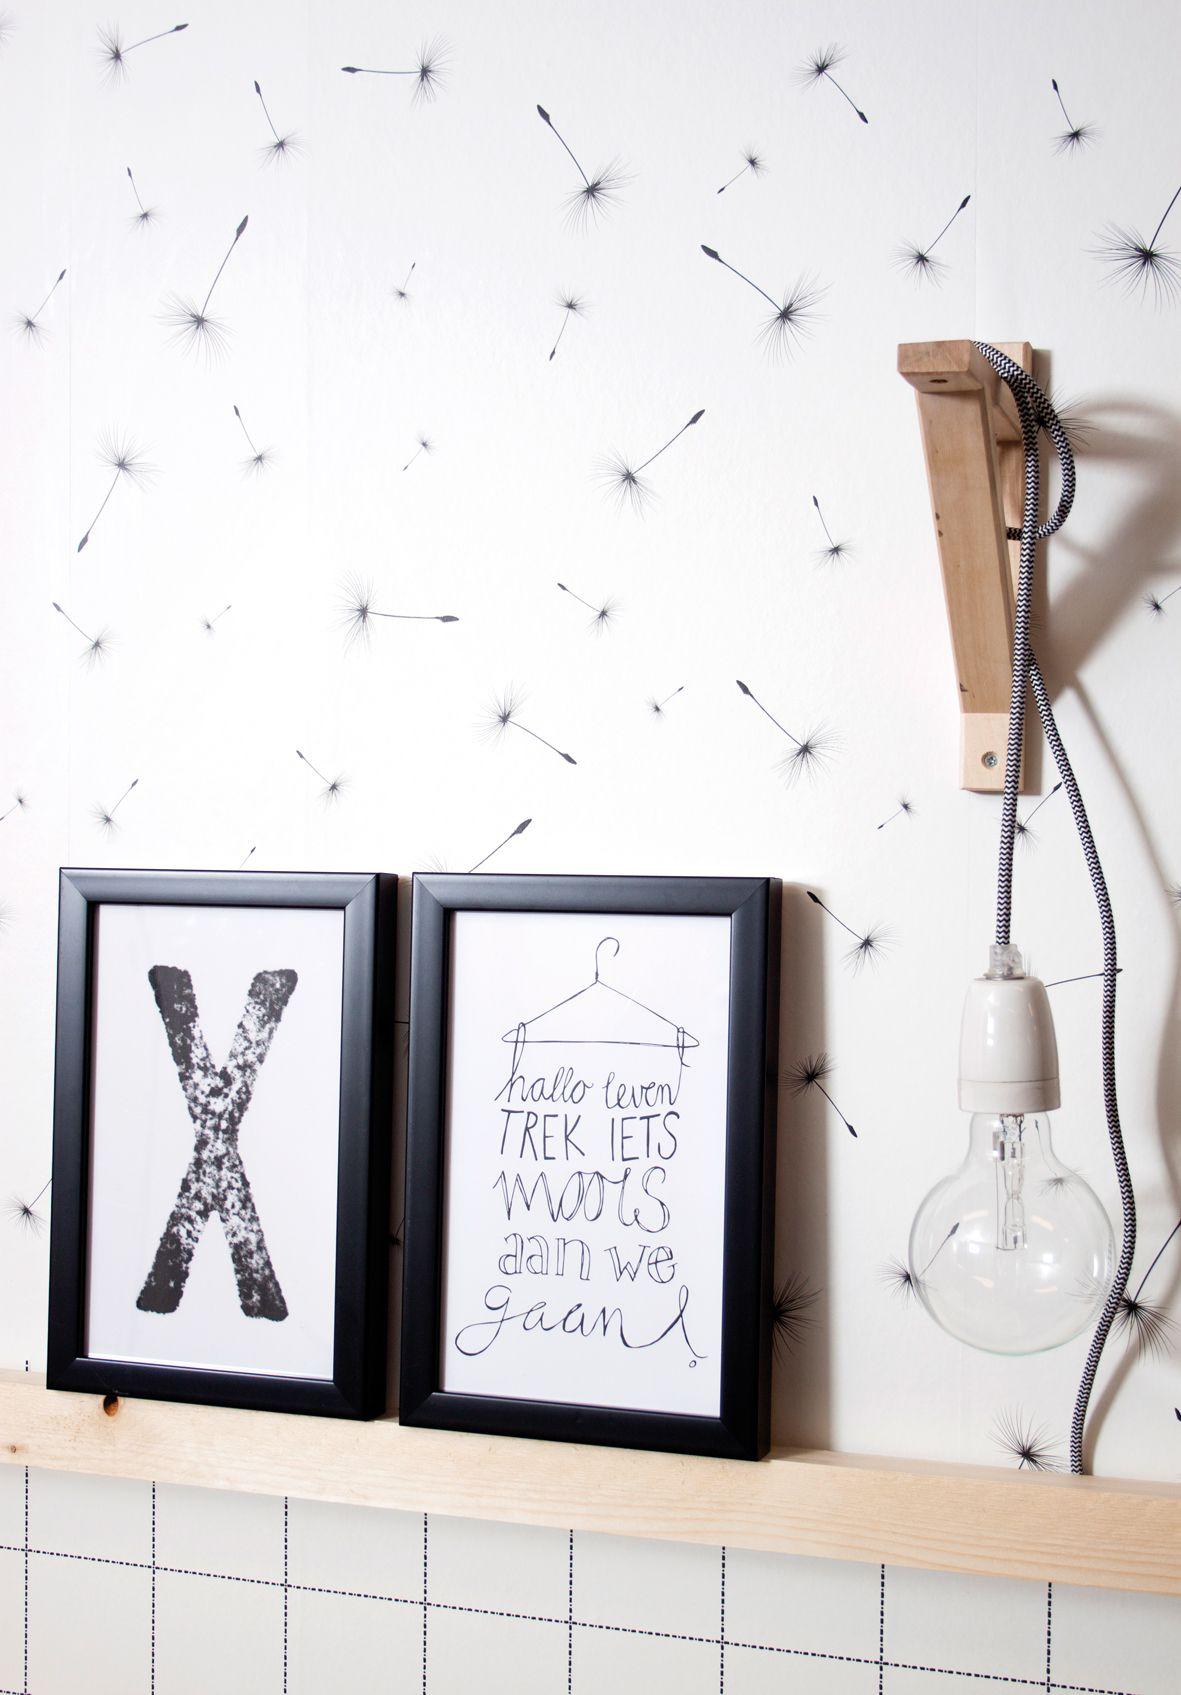 afbeeldingsresultaat voor behang karwei - slaapkamer danae, Deco ideeën